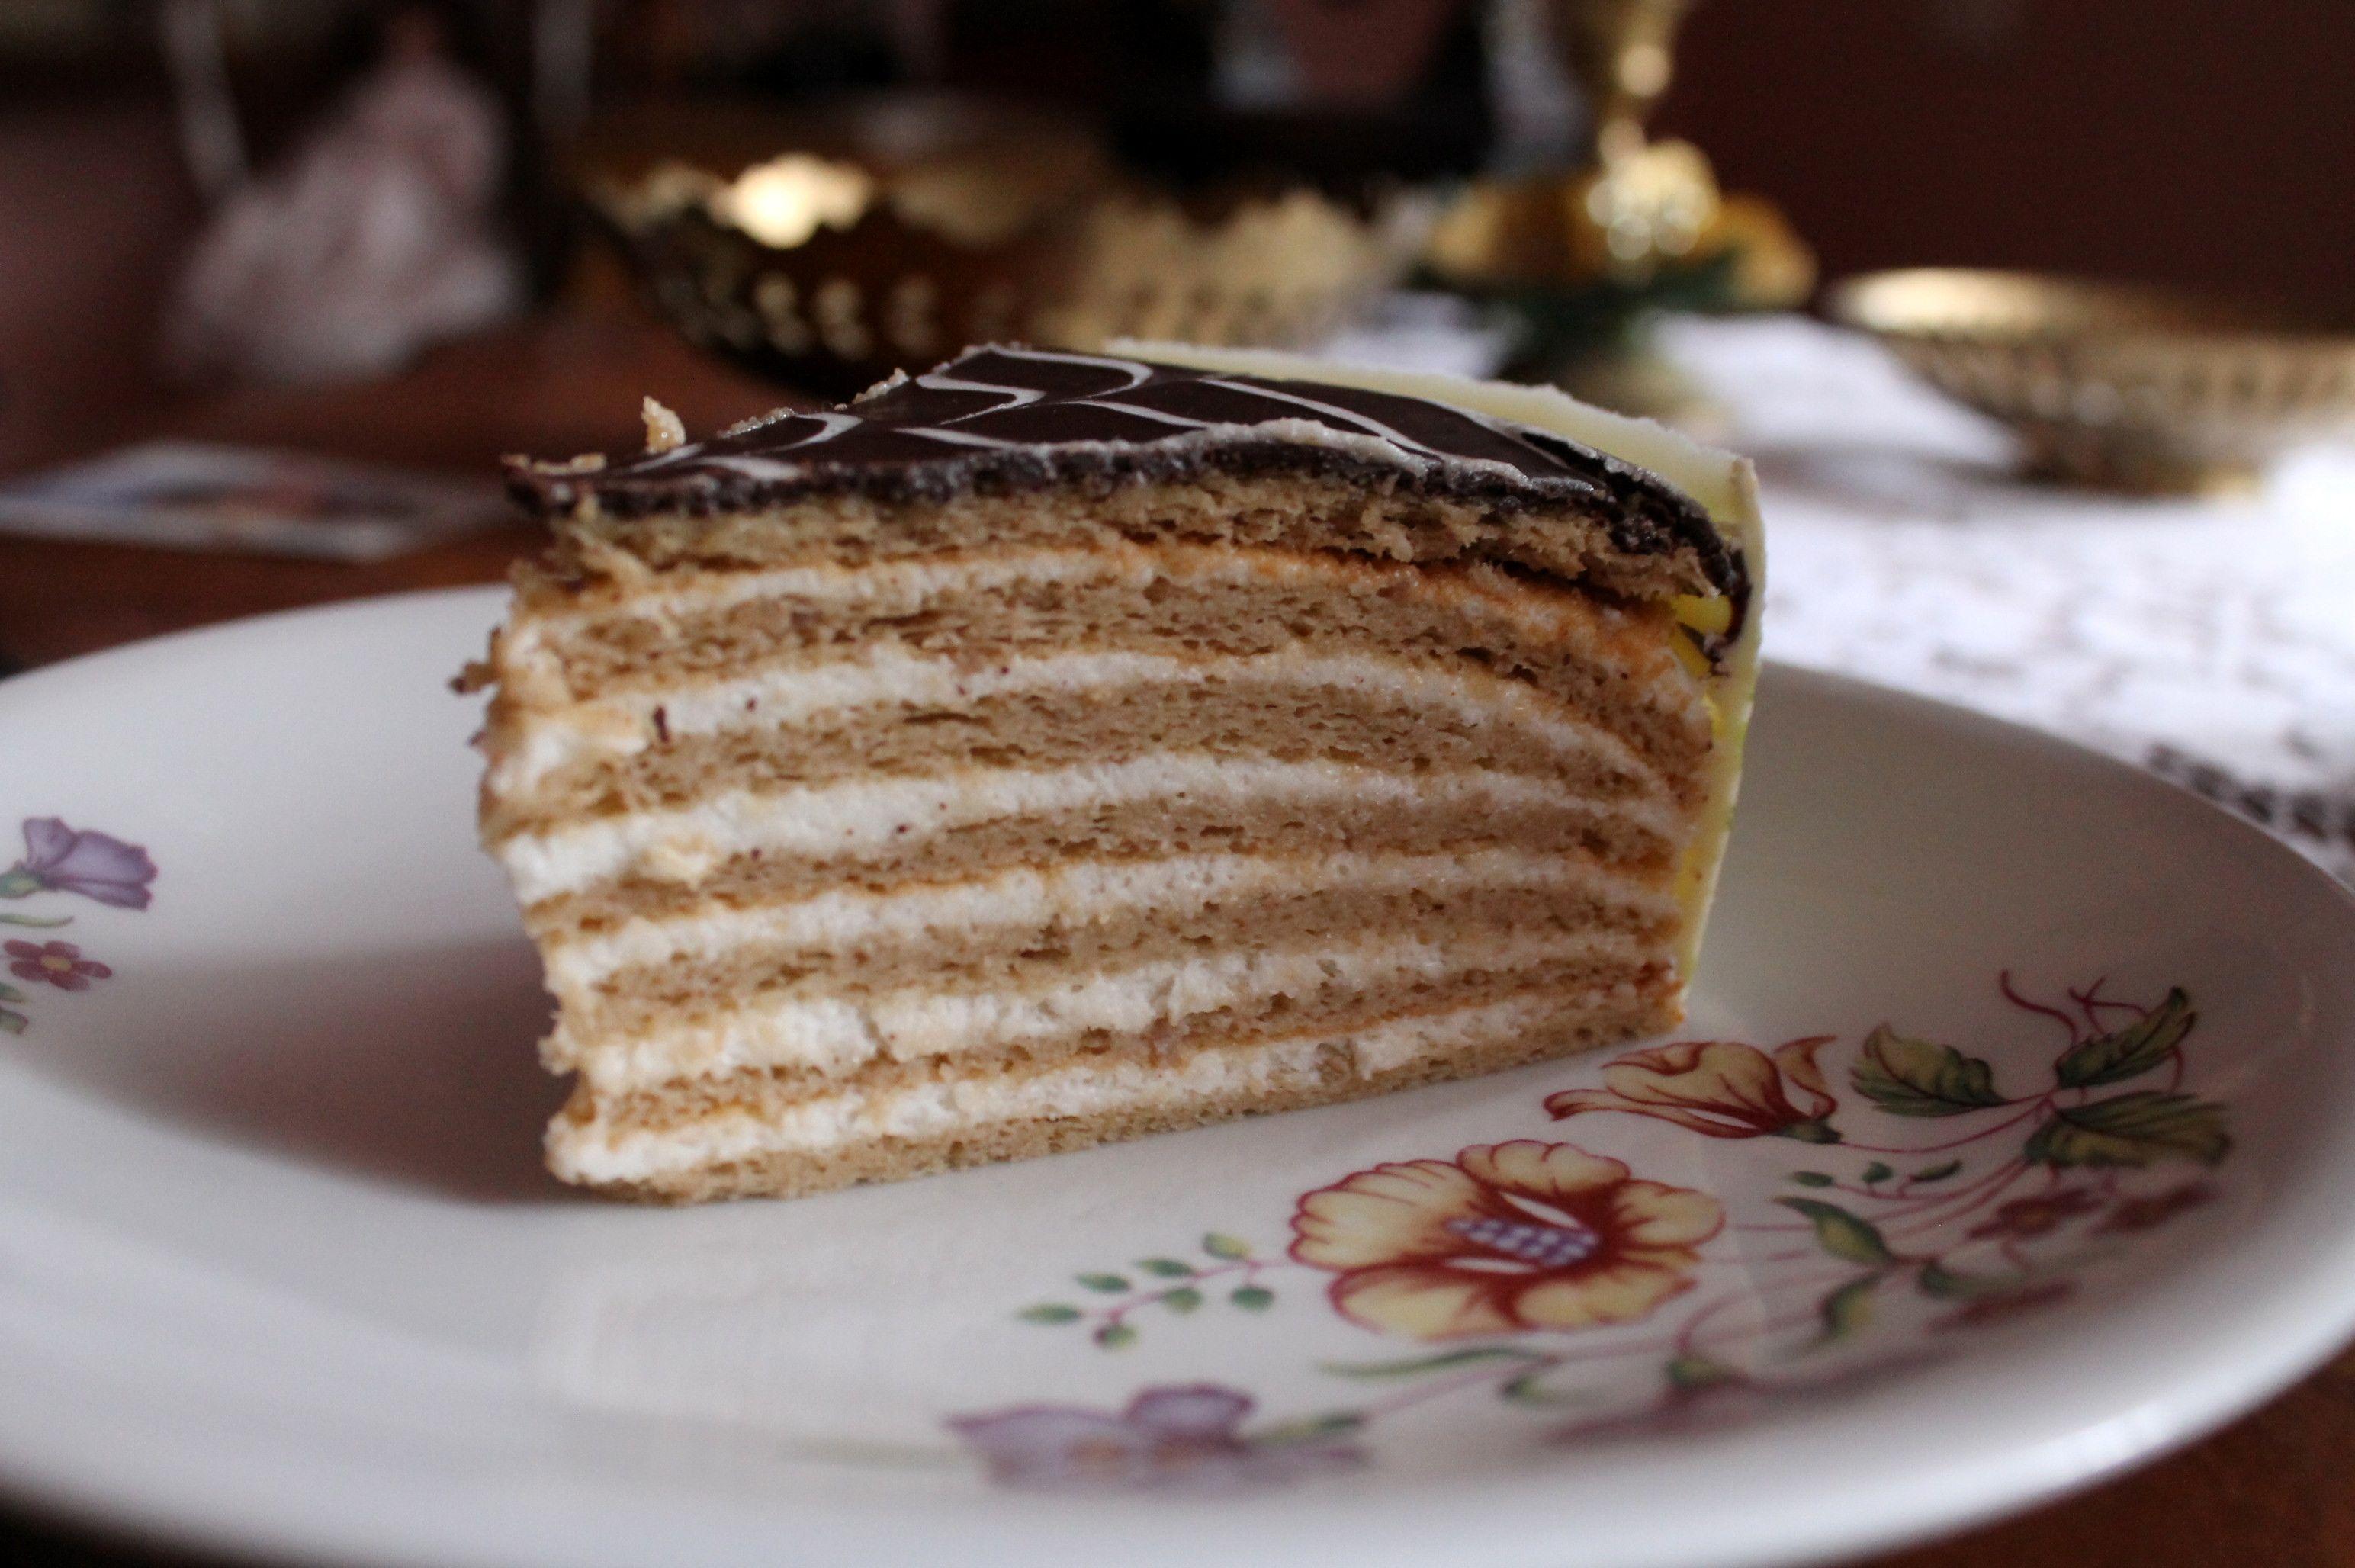 Nagymamám is betöltötte a 74. életévét. Nekik minden évben valamilyen burkolatlan tortával készülök. Idén gondoltam letesztelem Nudleee Hunyadi tortáját, ő mindig az apukája születésnapjára készíti. :) Először bosszankodtam egy sort annak ellenére, hogy hasonló tésztával volt már dolgom nem is egyszer, de végül azt mondom dupla ennyi vesződést is megért volna! :) Hozzávalók 22 cm-es tortához vagy egy több rétegű 19 cm-eshez:Tészta: 7 tojás 10 dkg porcukor 25 dkg gesztenyemassza 2 evőkanál…